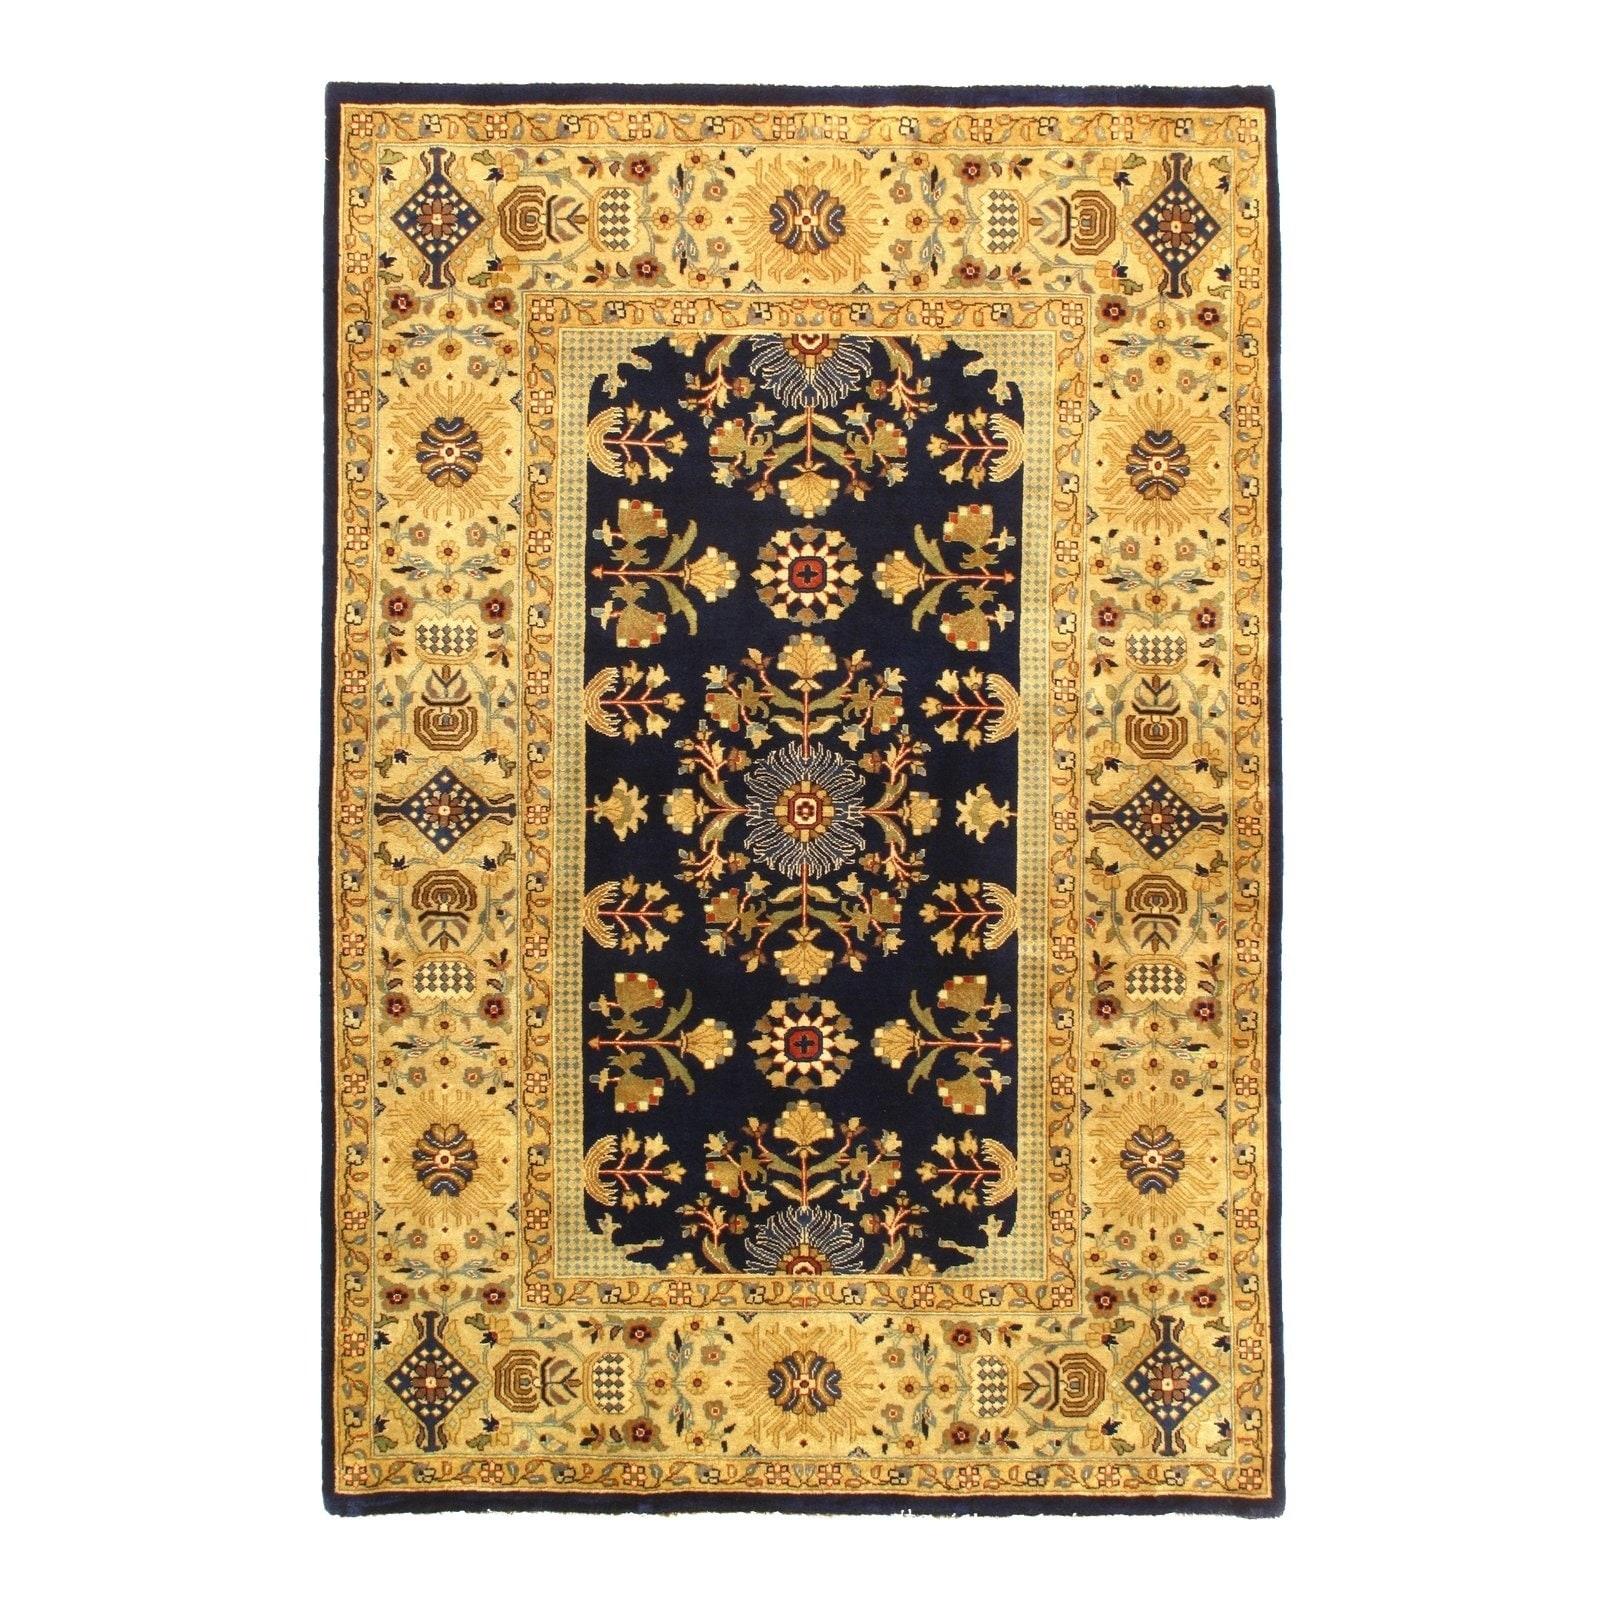 Pasargad DC Tabriz Design Silk and Wool Rug - 4 x 51 - 4 x 51 (4 x 51 - Navy/Gold)